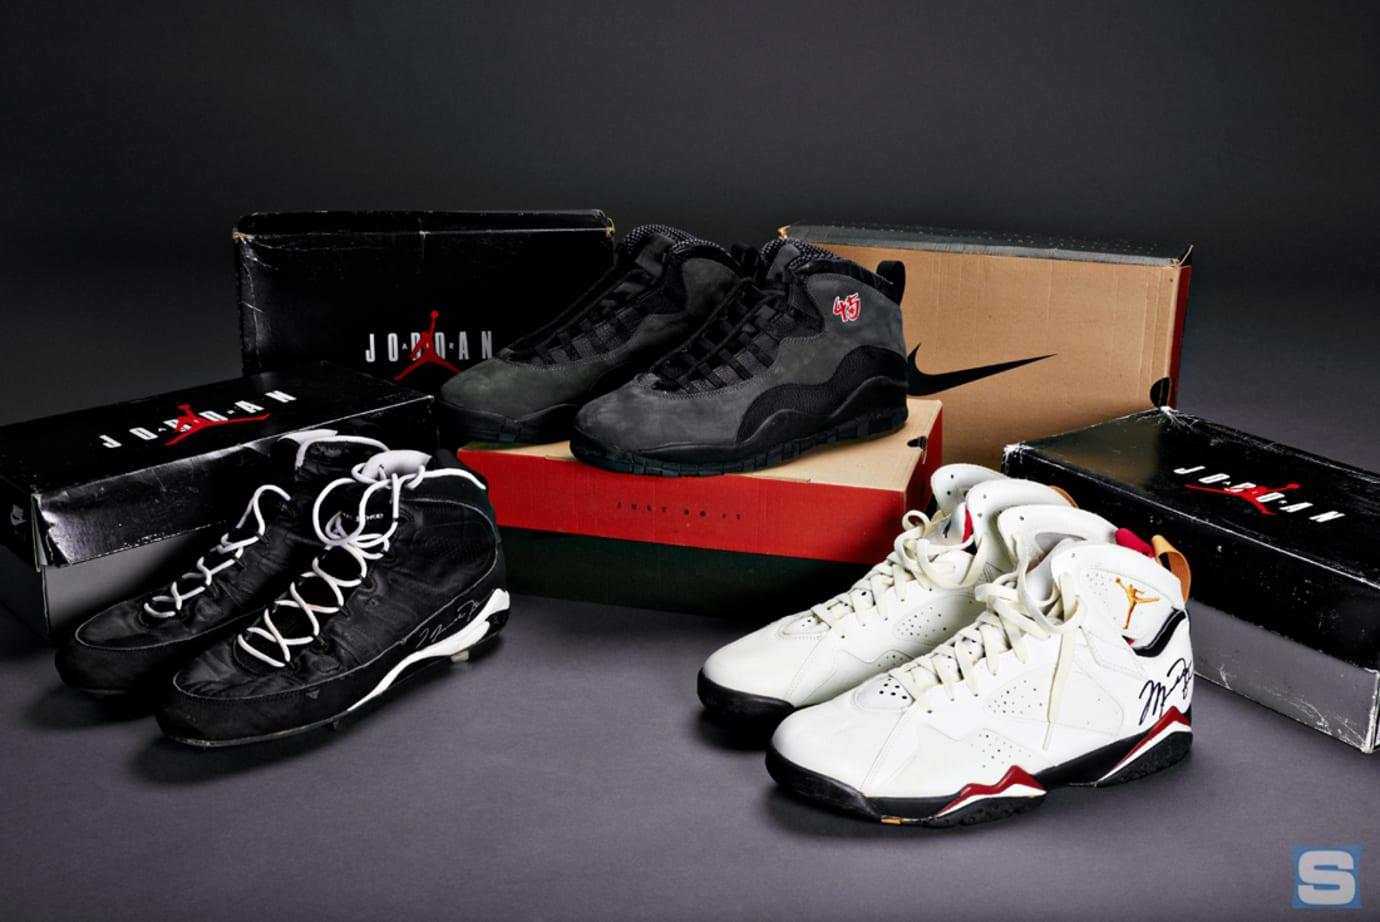 Air Jordan 9 Game Worn Baseball Cleat Autographed Air Jordan 7